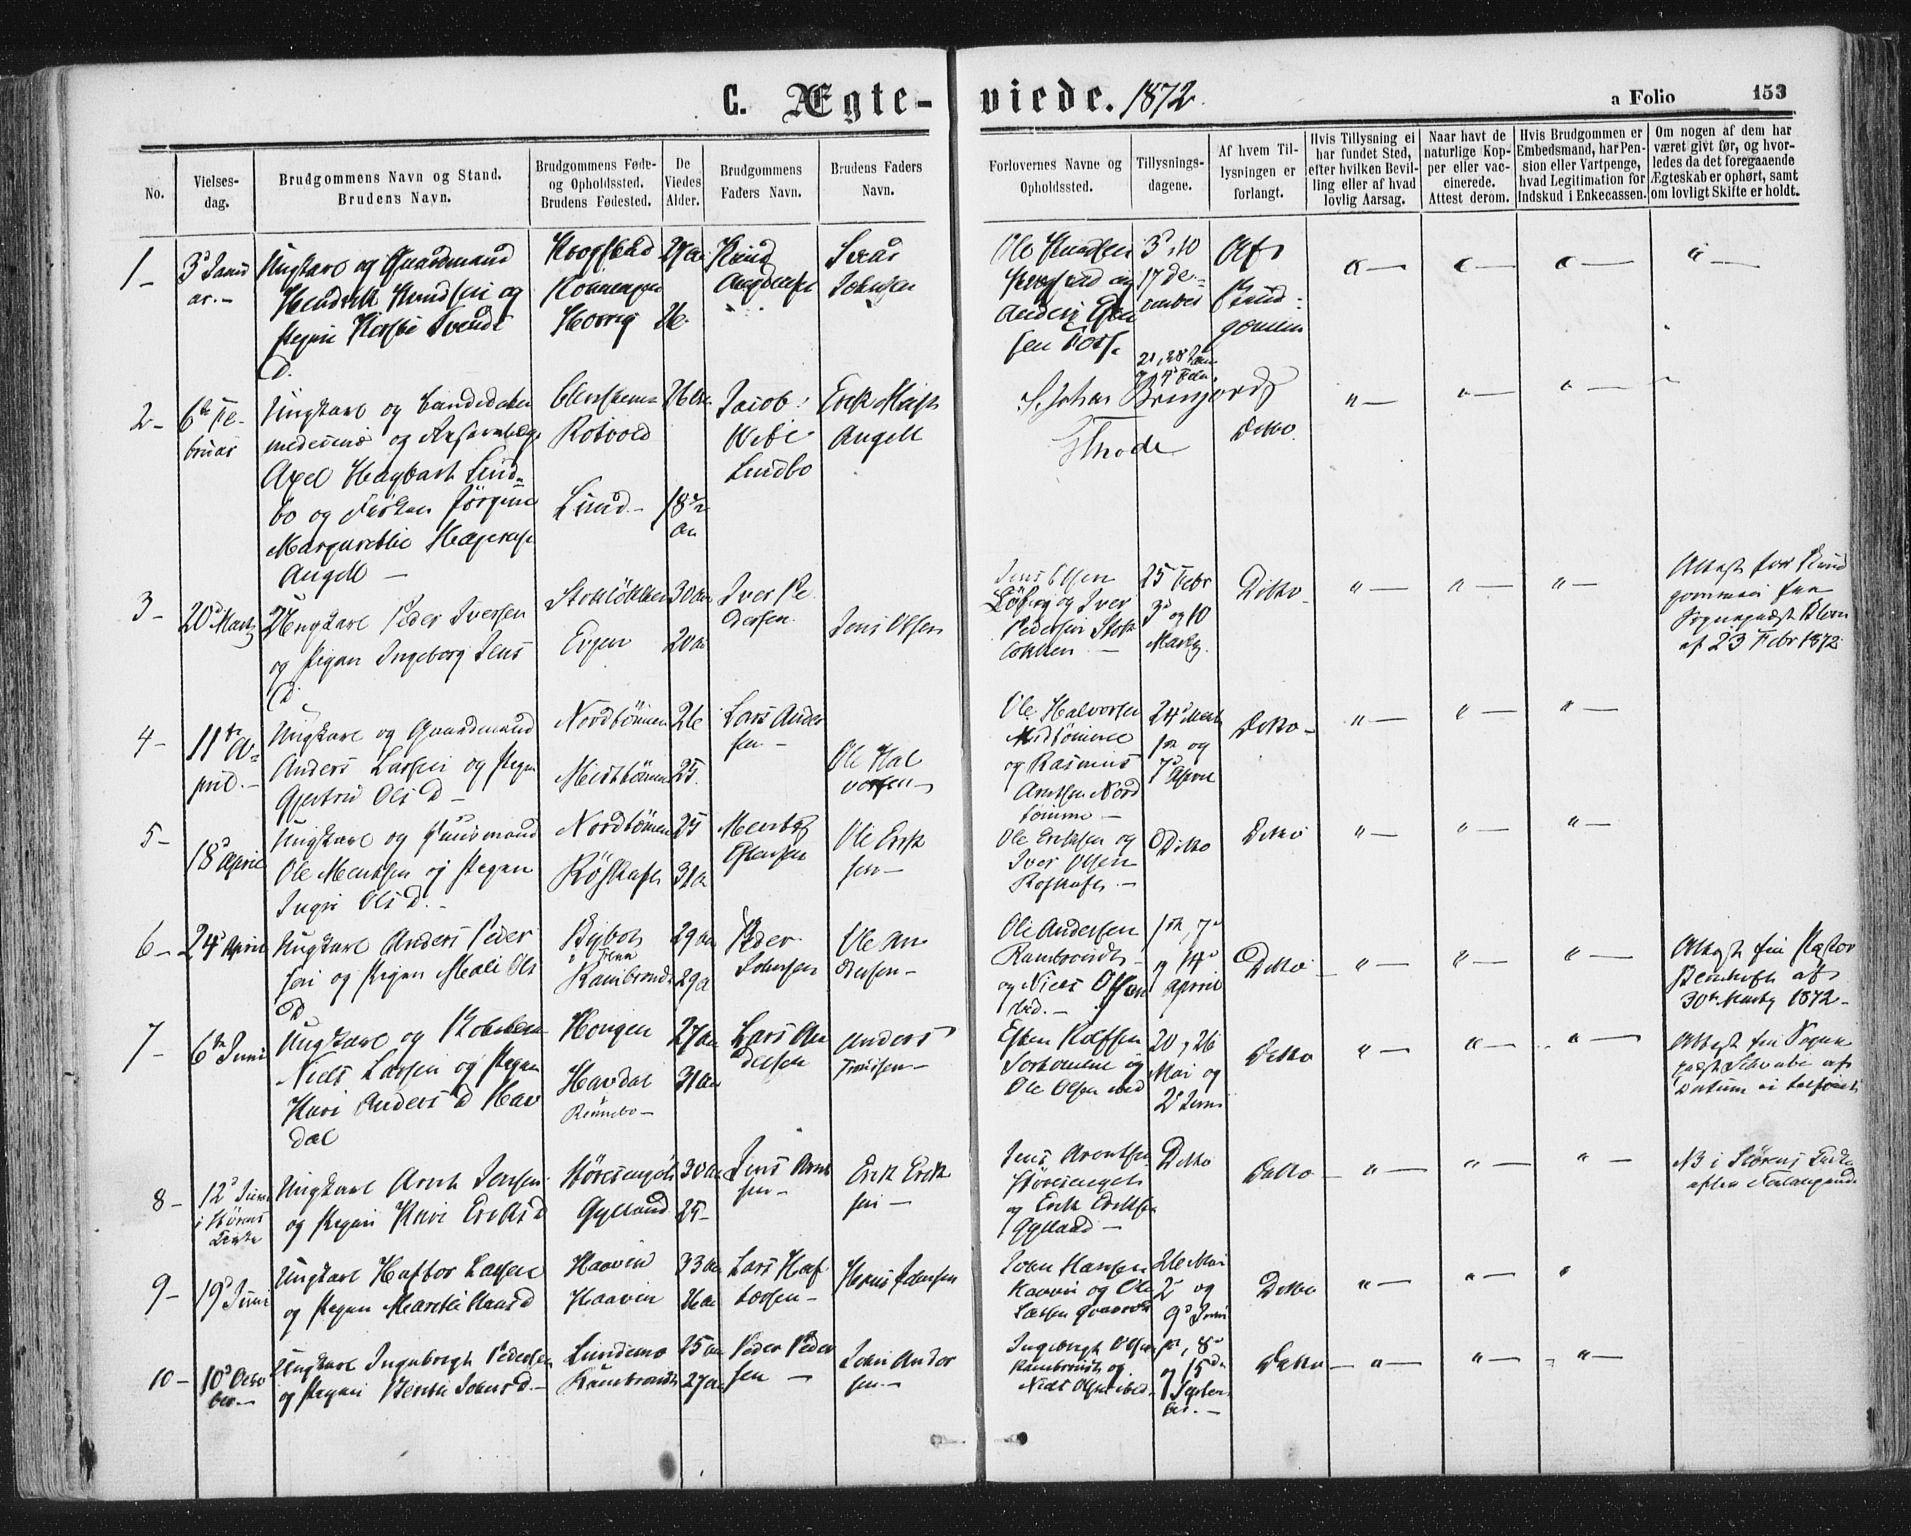 SAT, Ministerialprotokoller, klokkerbøker og fødselsregistre - Sør-Trøndelag, 692/L1104: Ministerialbok nr. 692A04, 1862-1878, s. 153